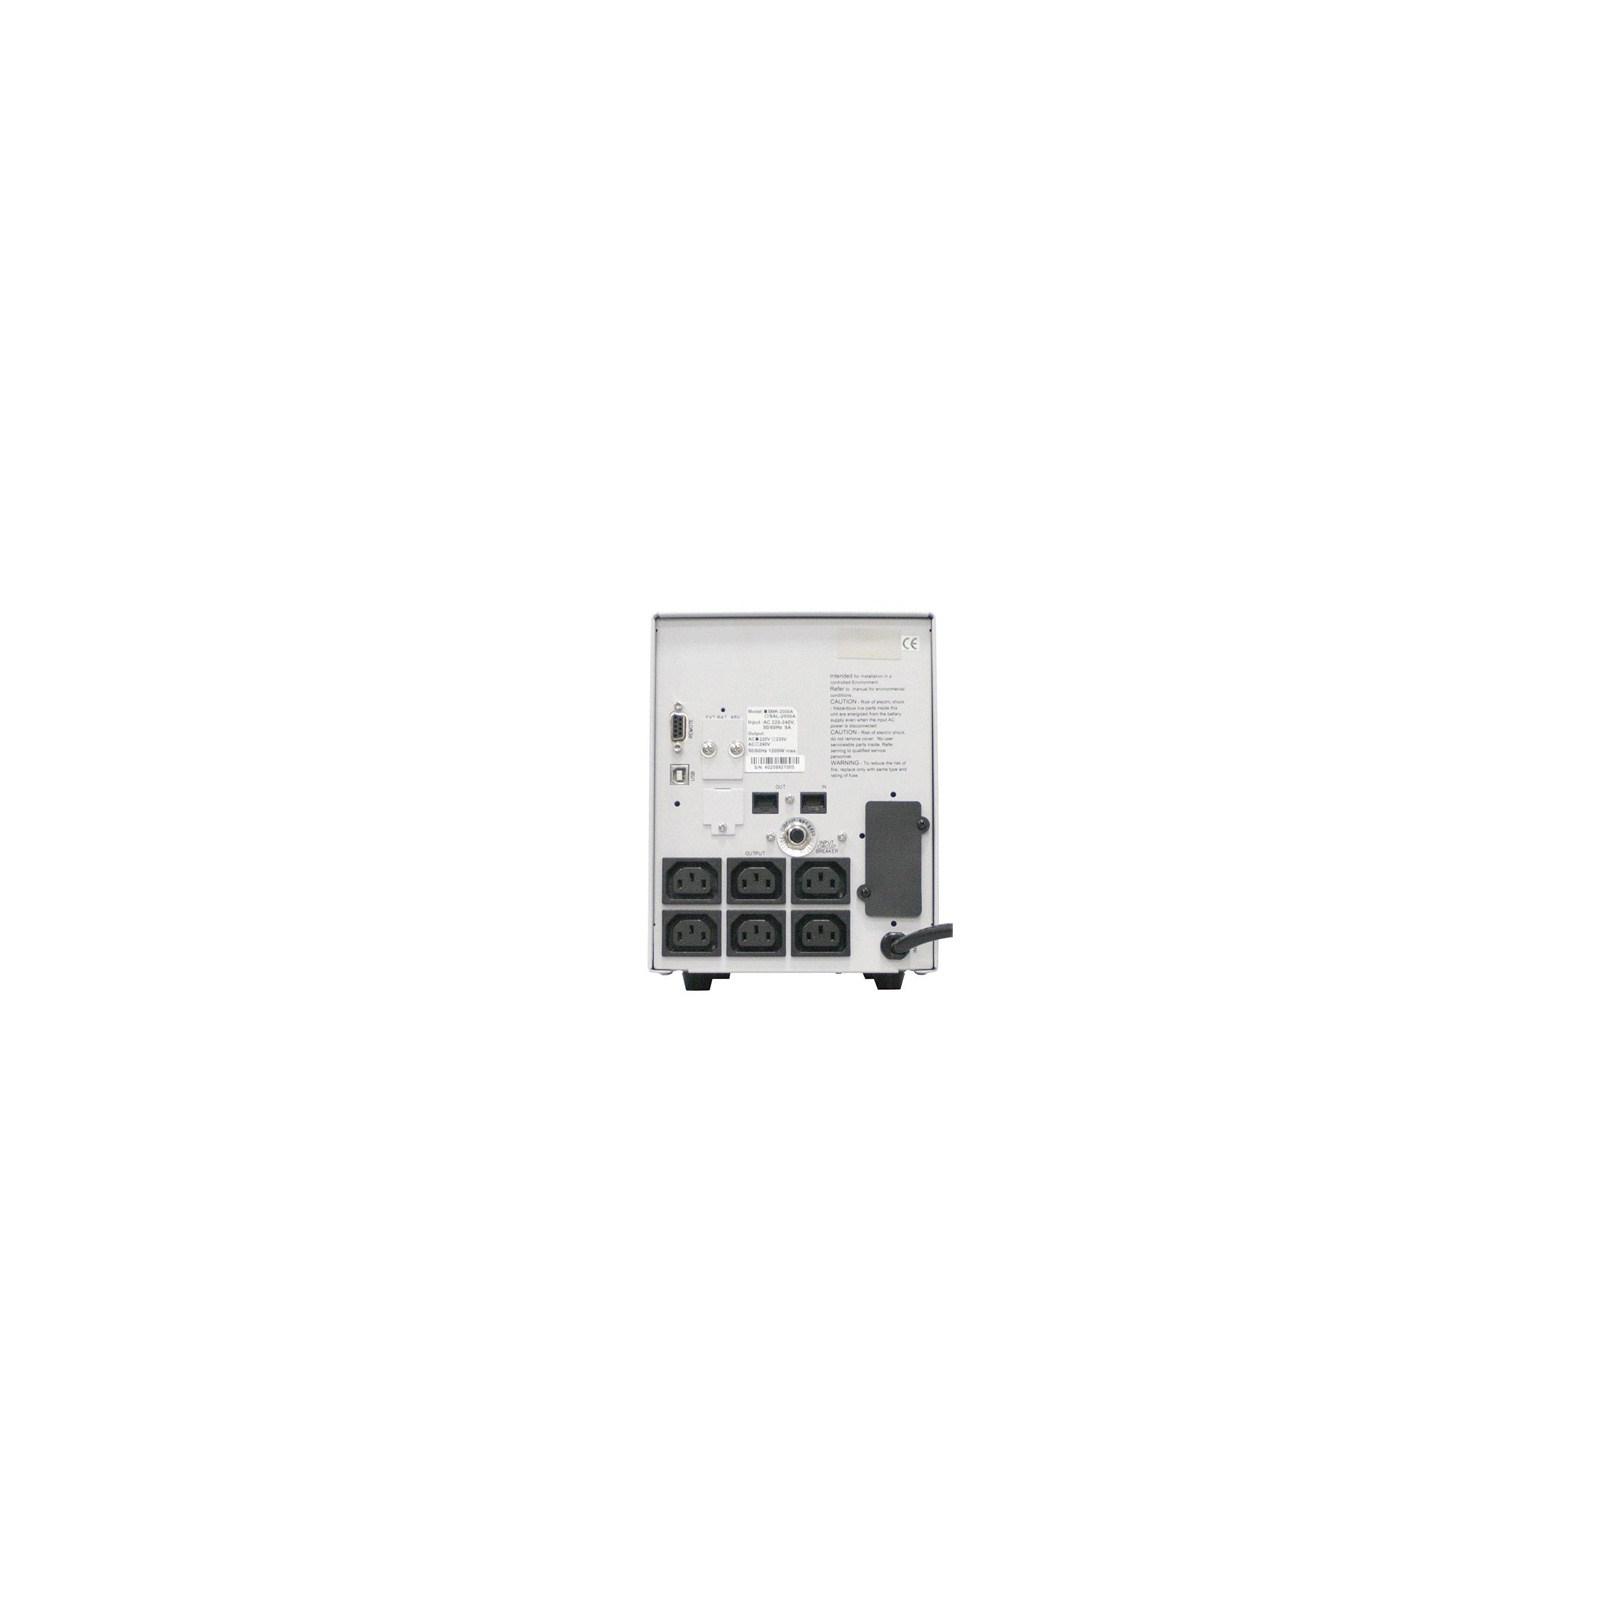 Источник бесперебойного питания SMK-600A-LCD Powercom изображение 2